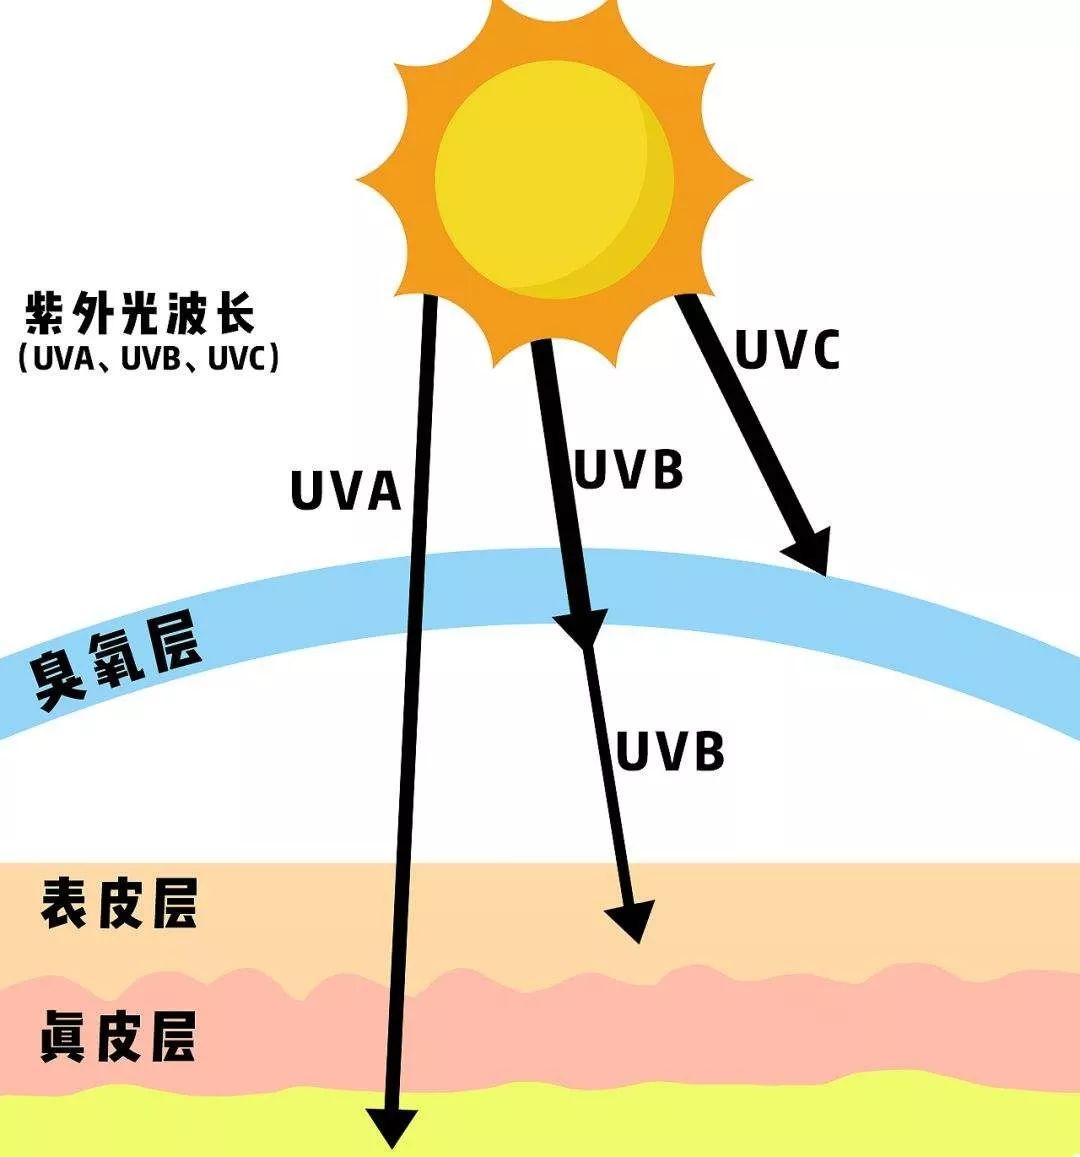 防護噴霧用在哪個步驟_隔離防護乳什么時候用_理膚泉噴霧使用步驟